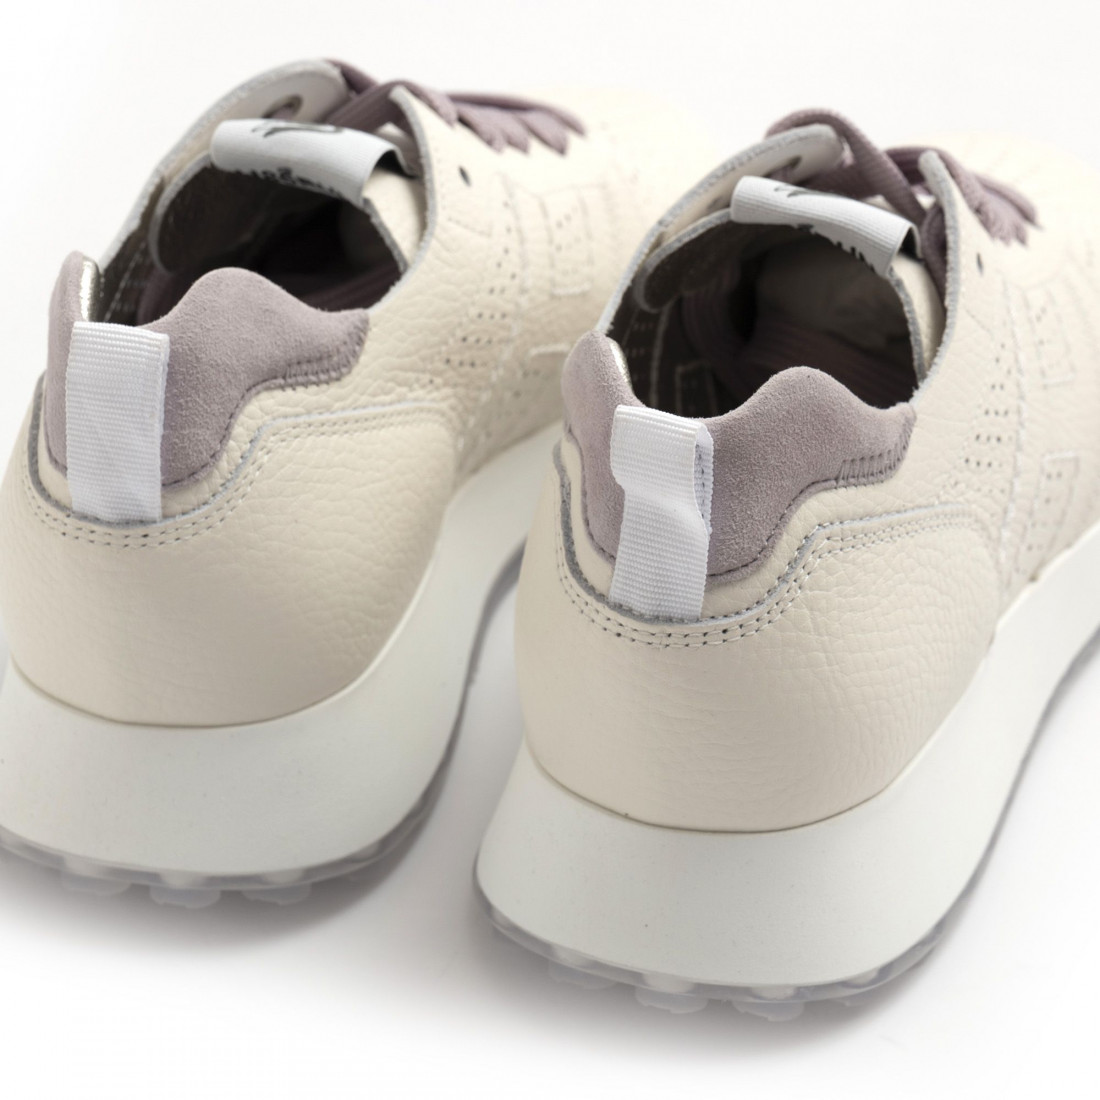 sneakers donna hogan hxw4290dl40pnz0src 8250